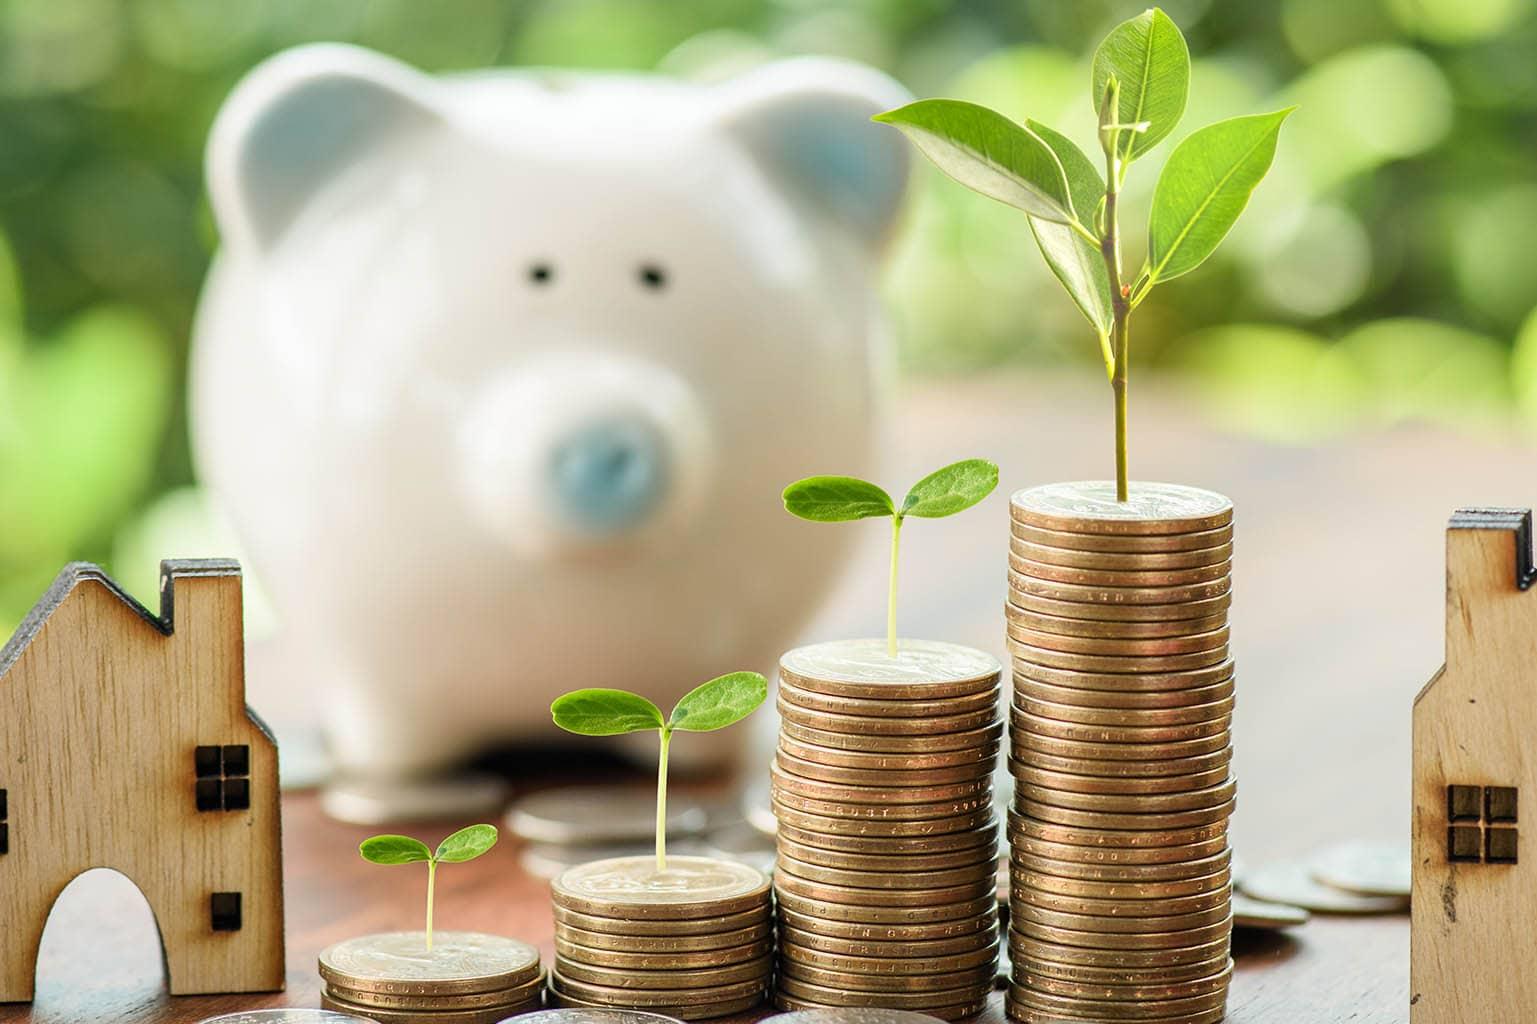 Cinco claves de ahorro energético para Micropymes y Autónomos